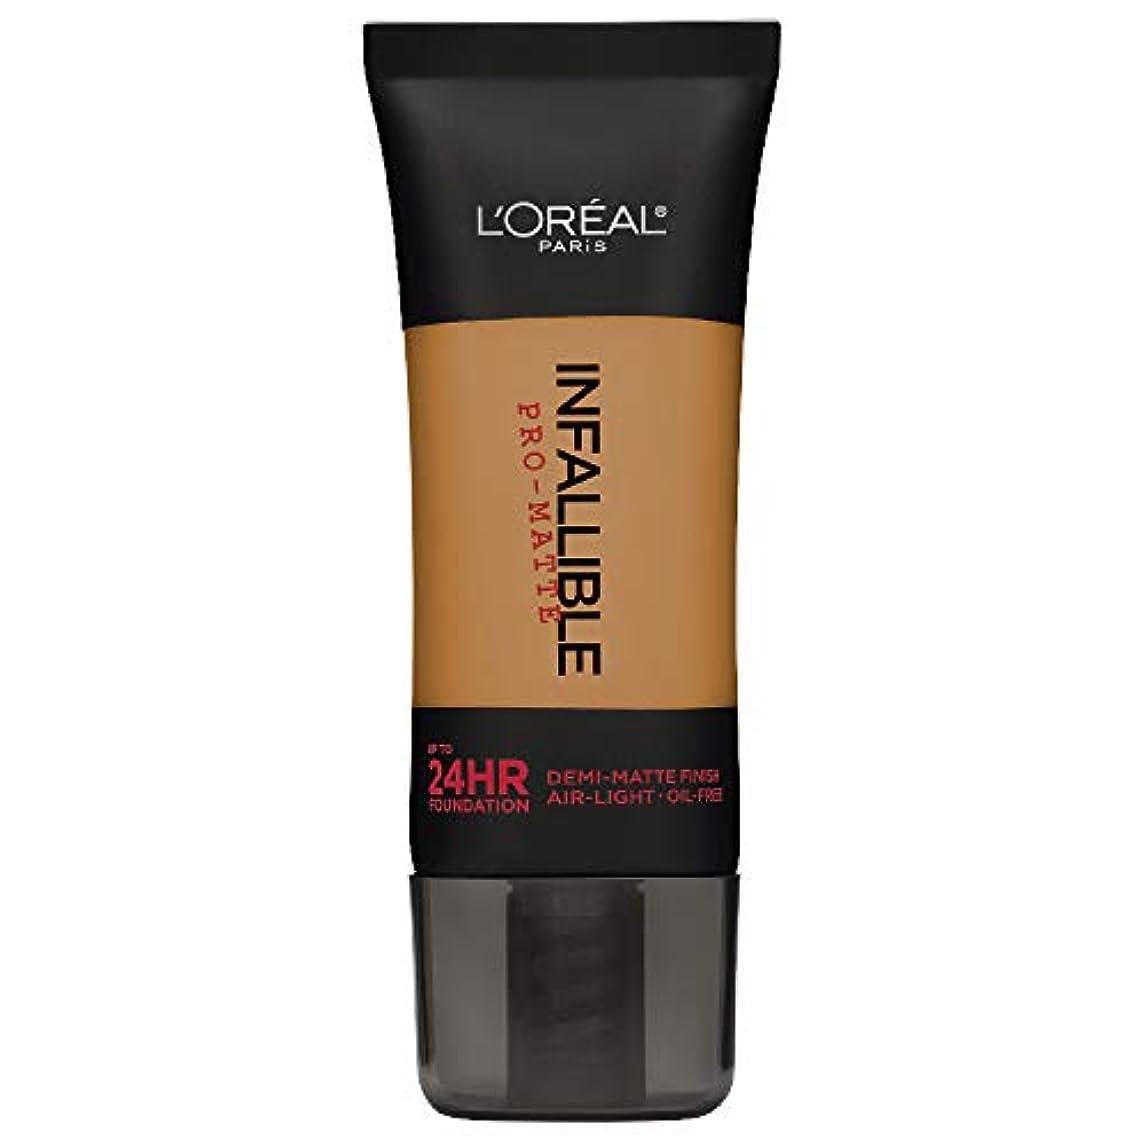 スクリーチ言及する襲撃L'Oreal Paris Infallible Pro-Matte Foundation Makeup, 111 Soft Sable, 1 fl. oz[並行輸入品]